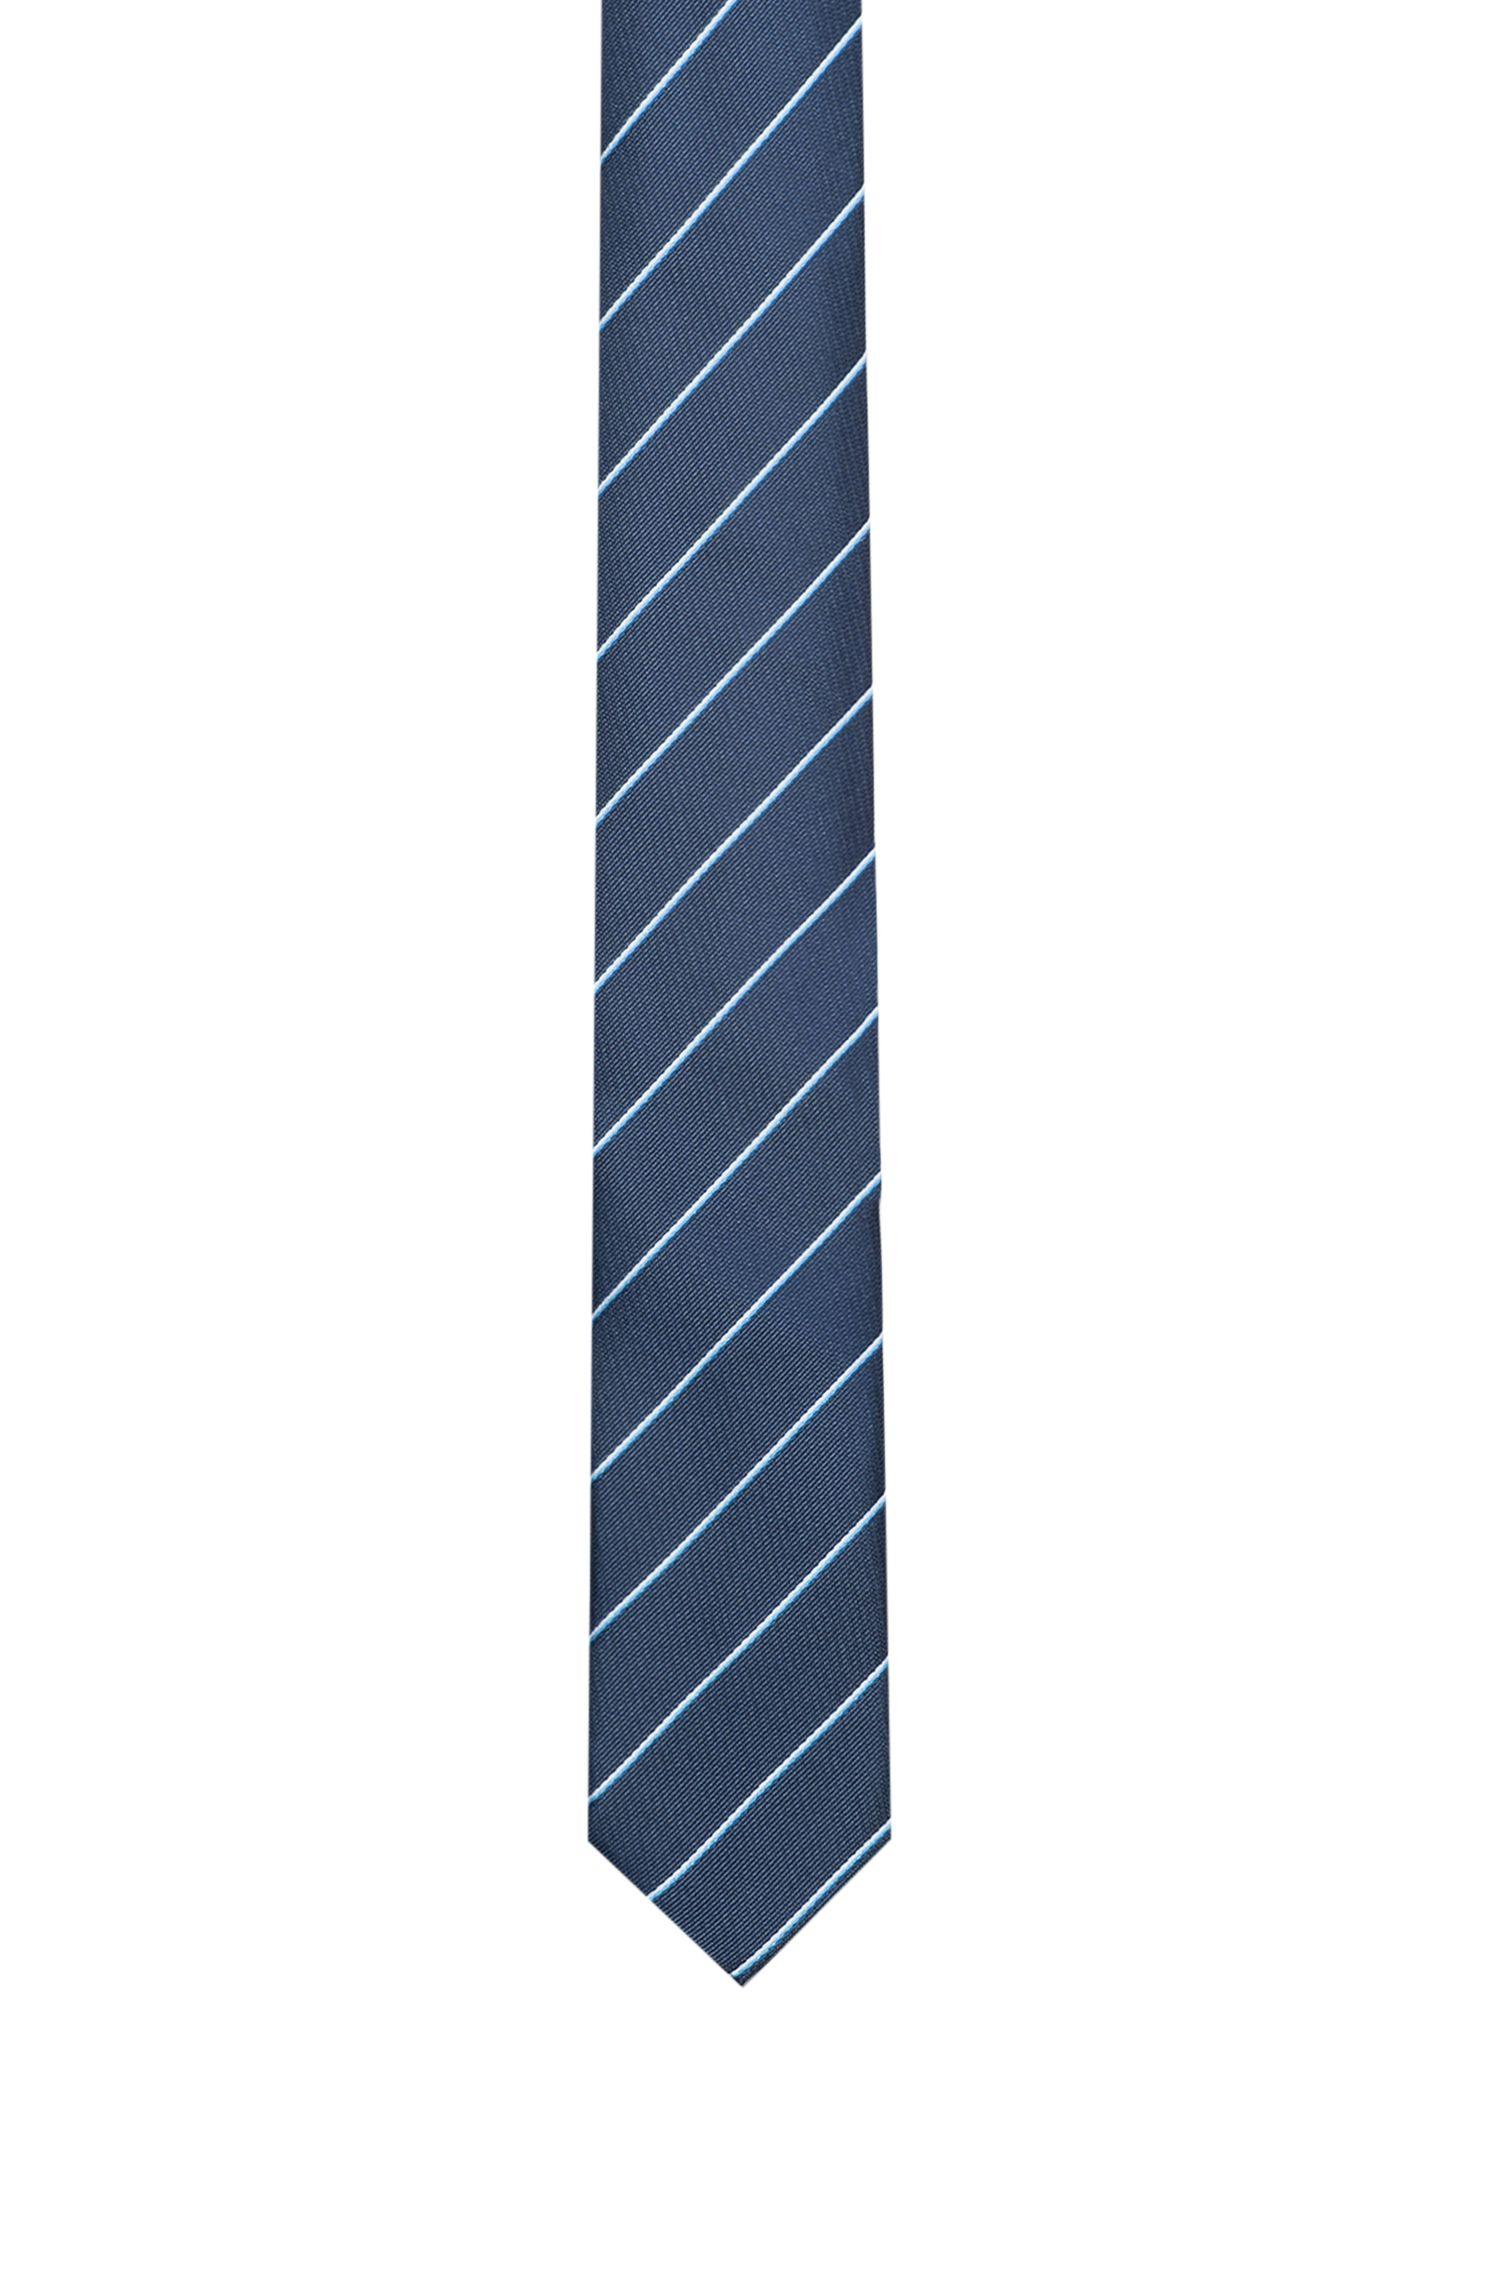 Cravate en jacquard de soie à rayures